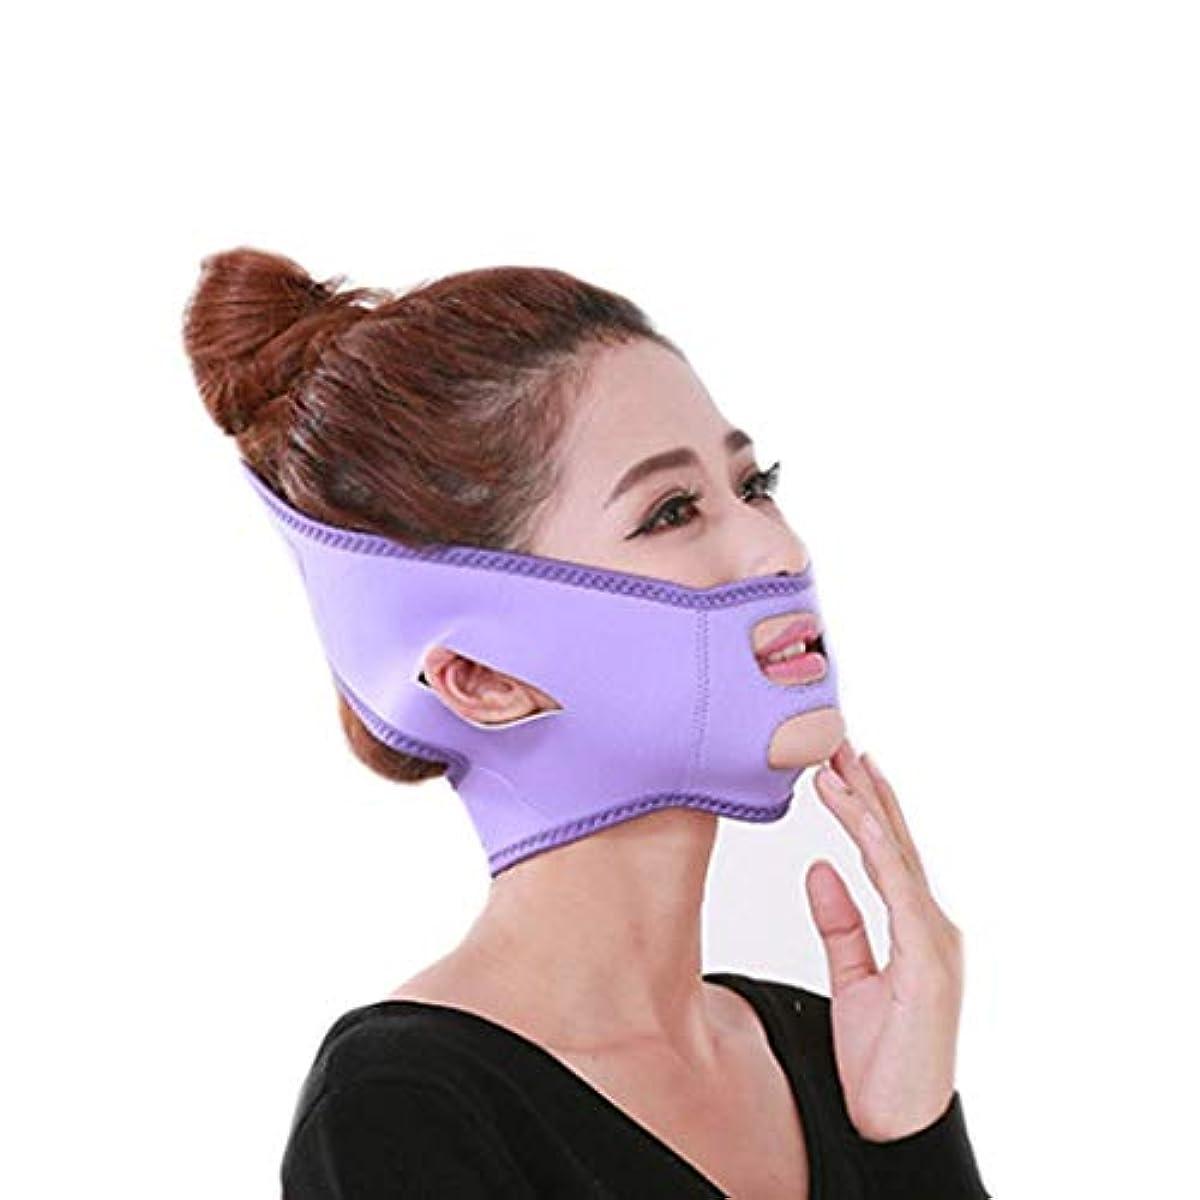 十分に快い交渉するフェイスリフトテープ&バンド、フェイススリミングマスク、ダブルチン、ダブルチンリデューサー、シワ防止マスク、リフティングシェイプ(フリーサイズ)(カラー:ピンク),紫の